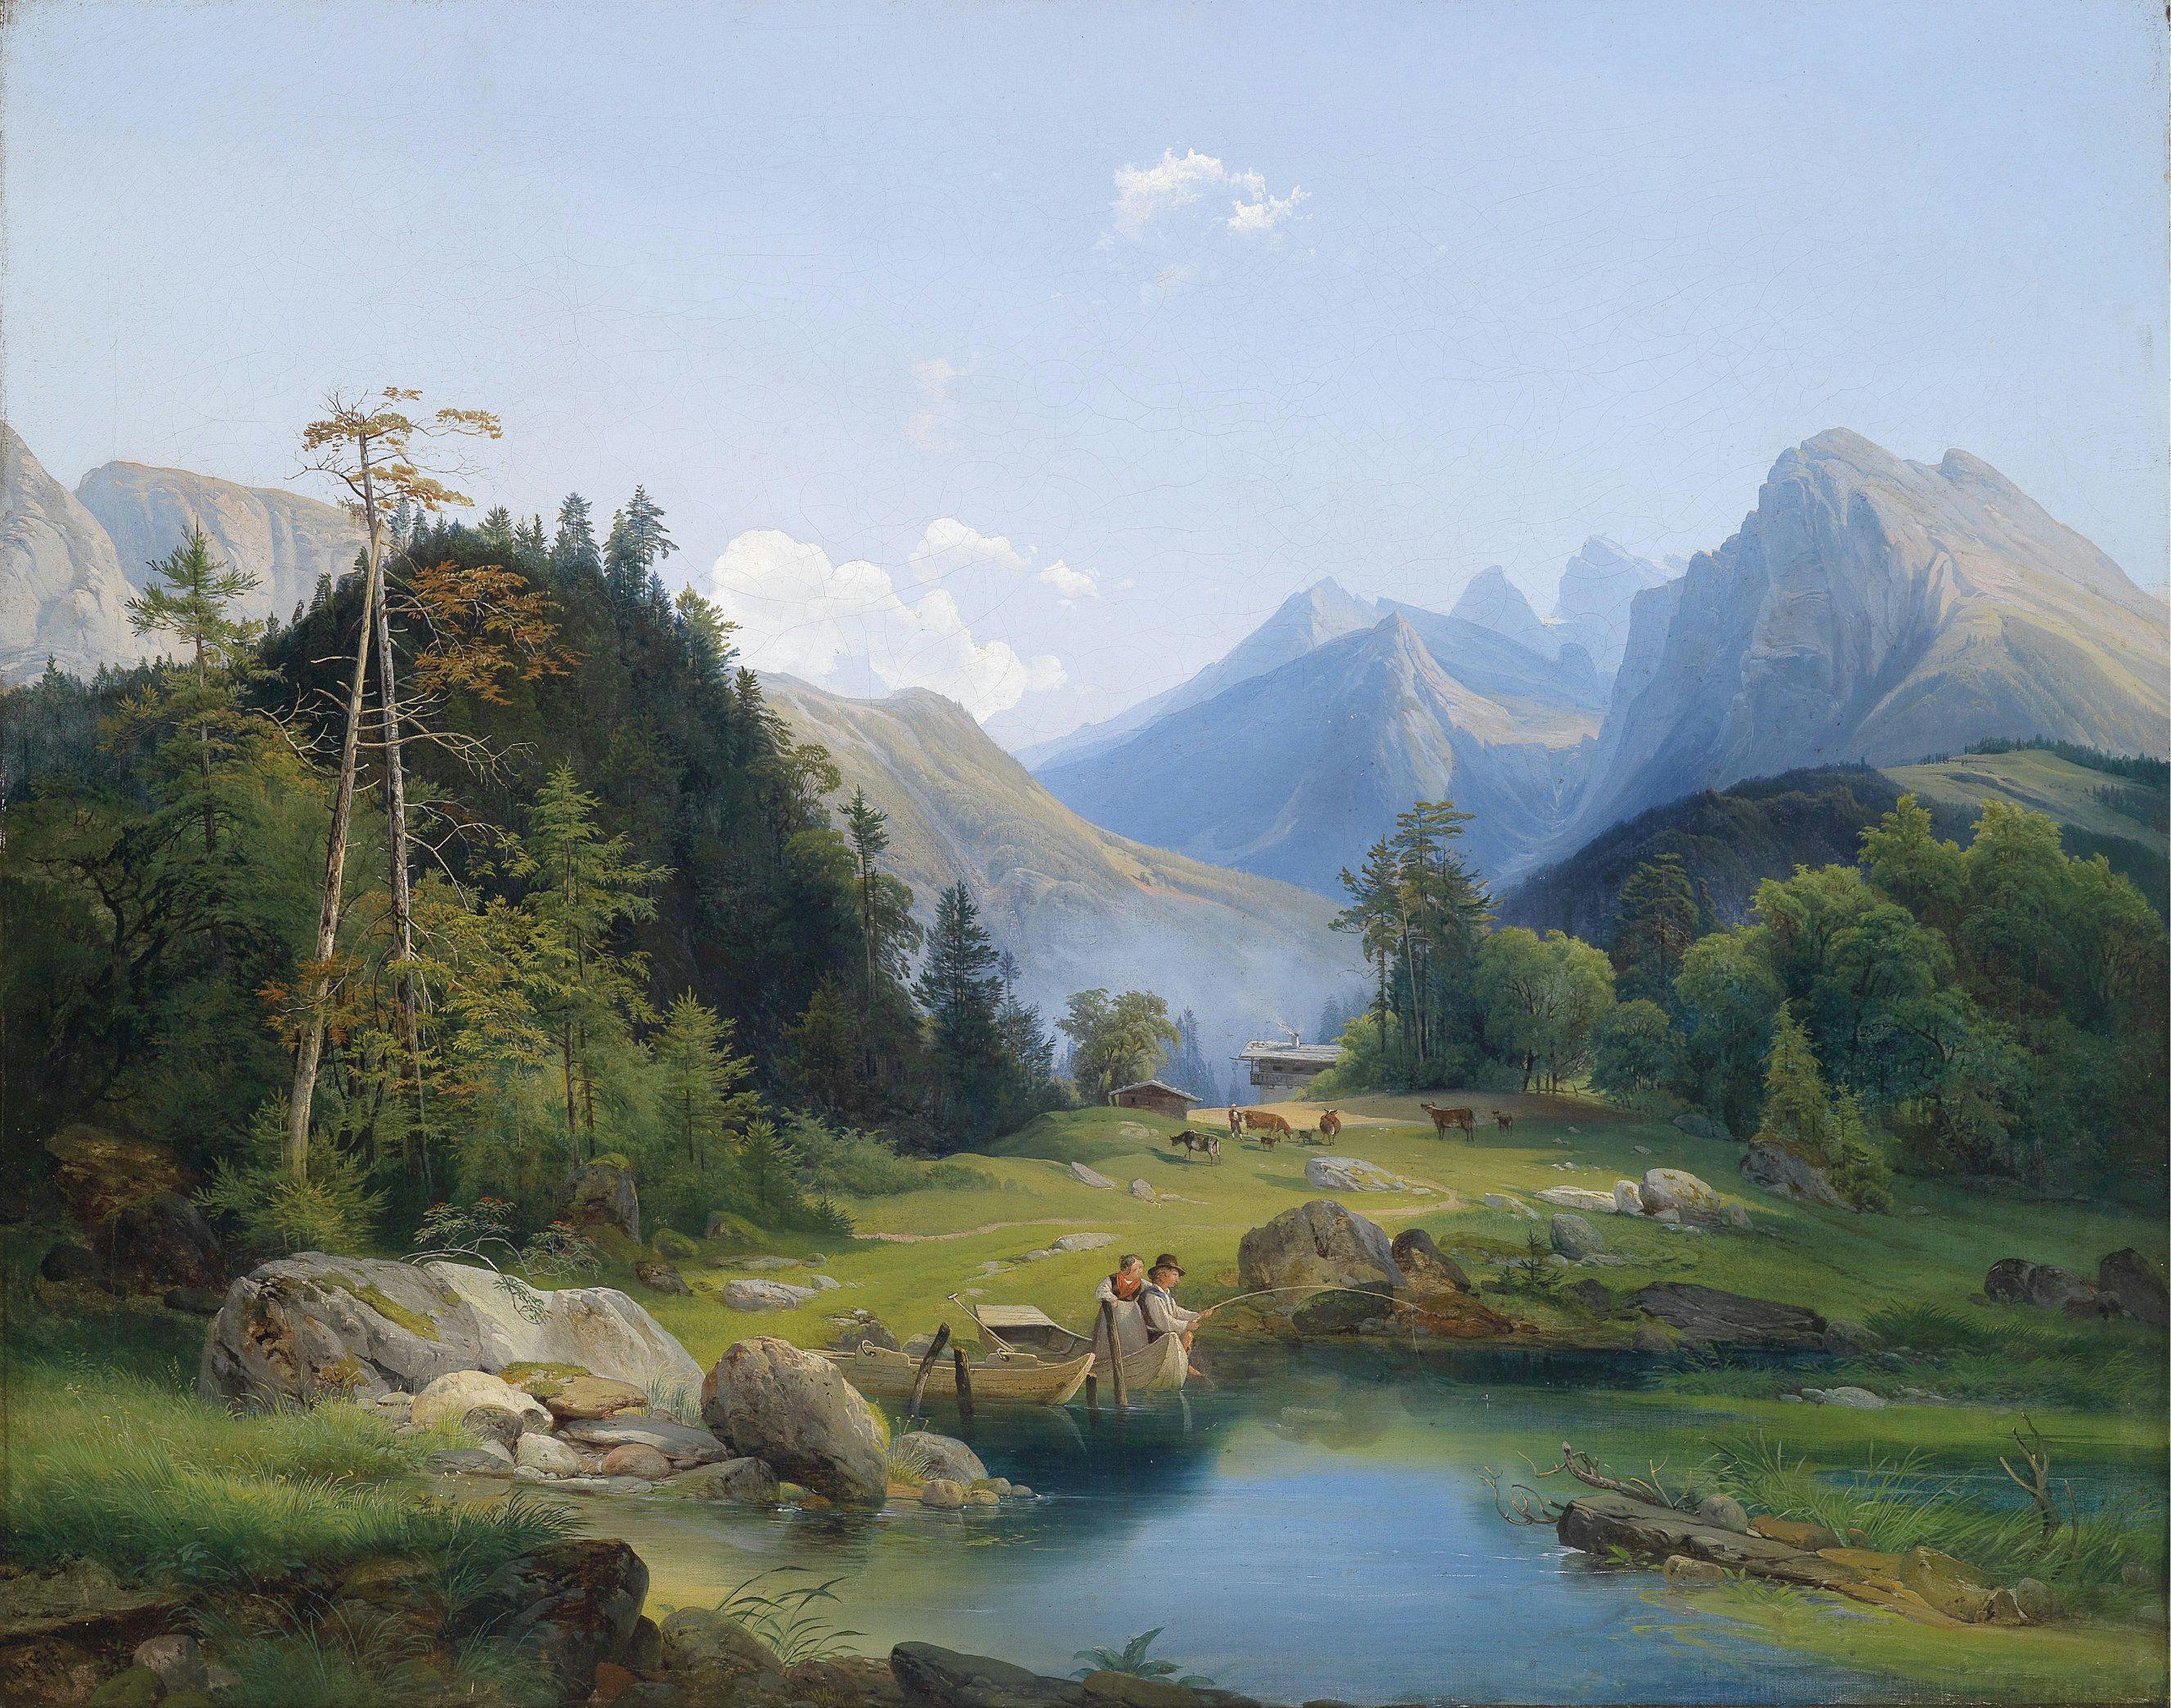 ヨーゼフ・ホルツァー (Josef Holzer)「Mountain Landscape with decorative figures」